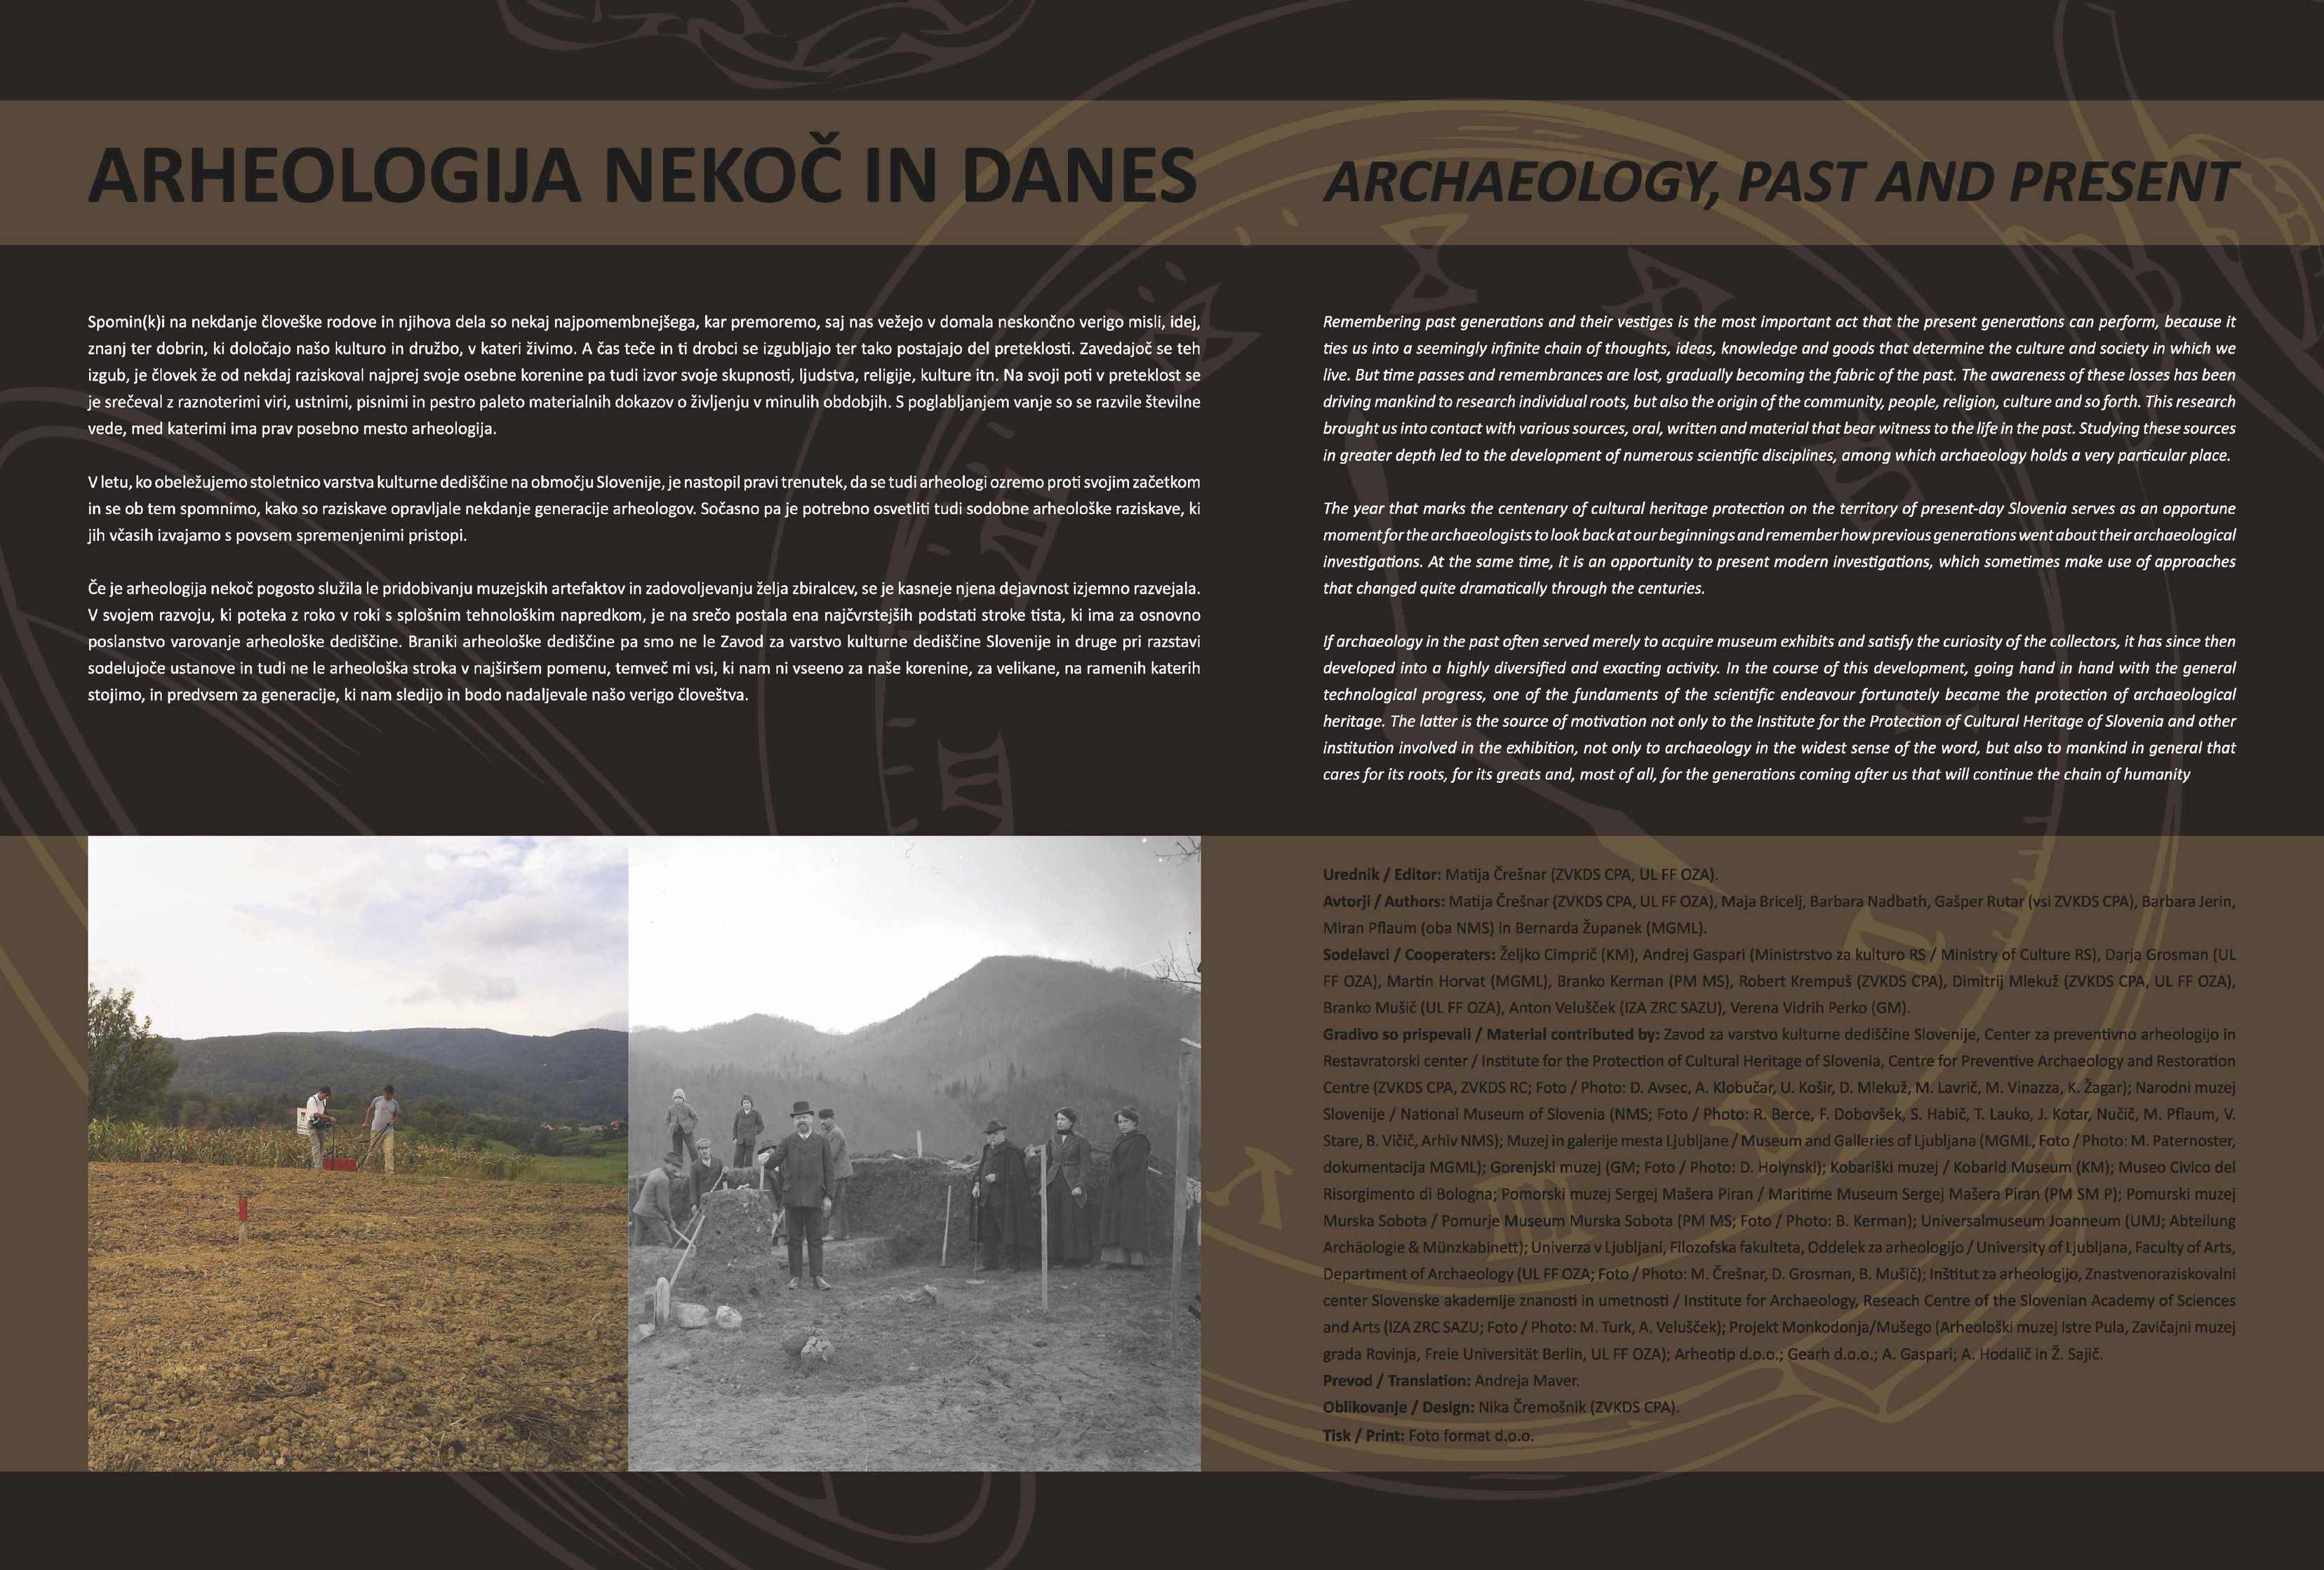 Arheologija nekoč in danes